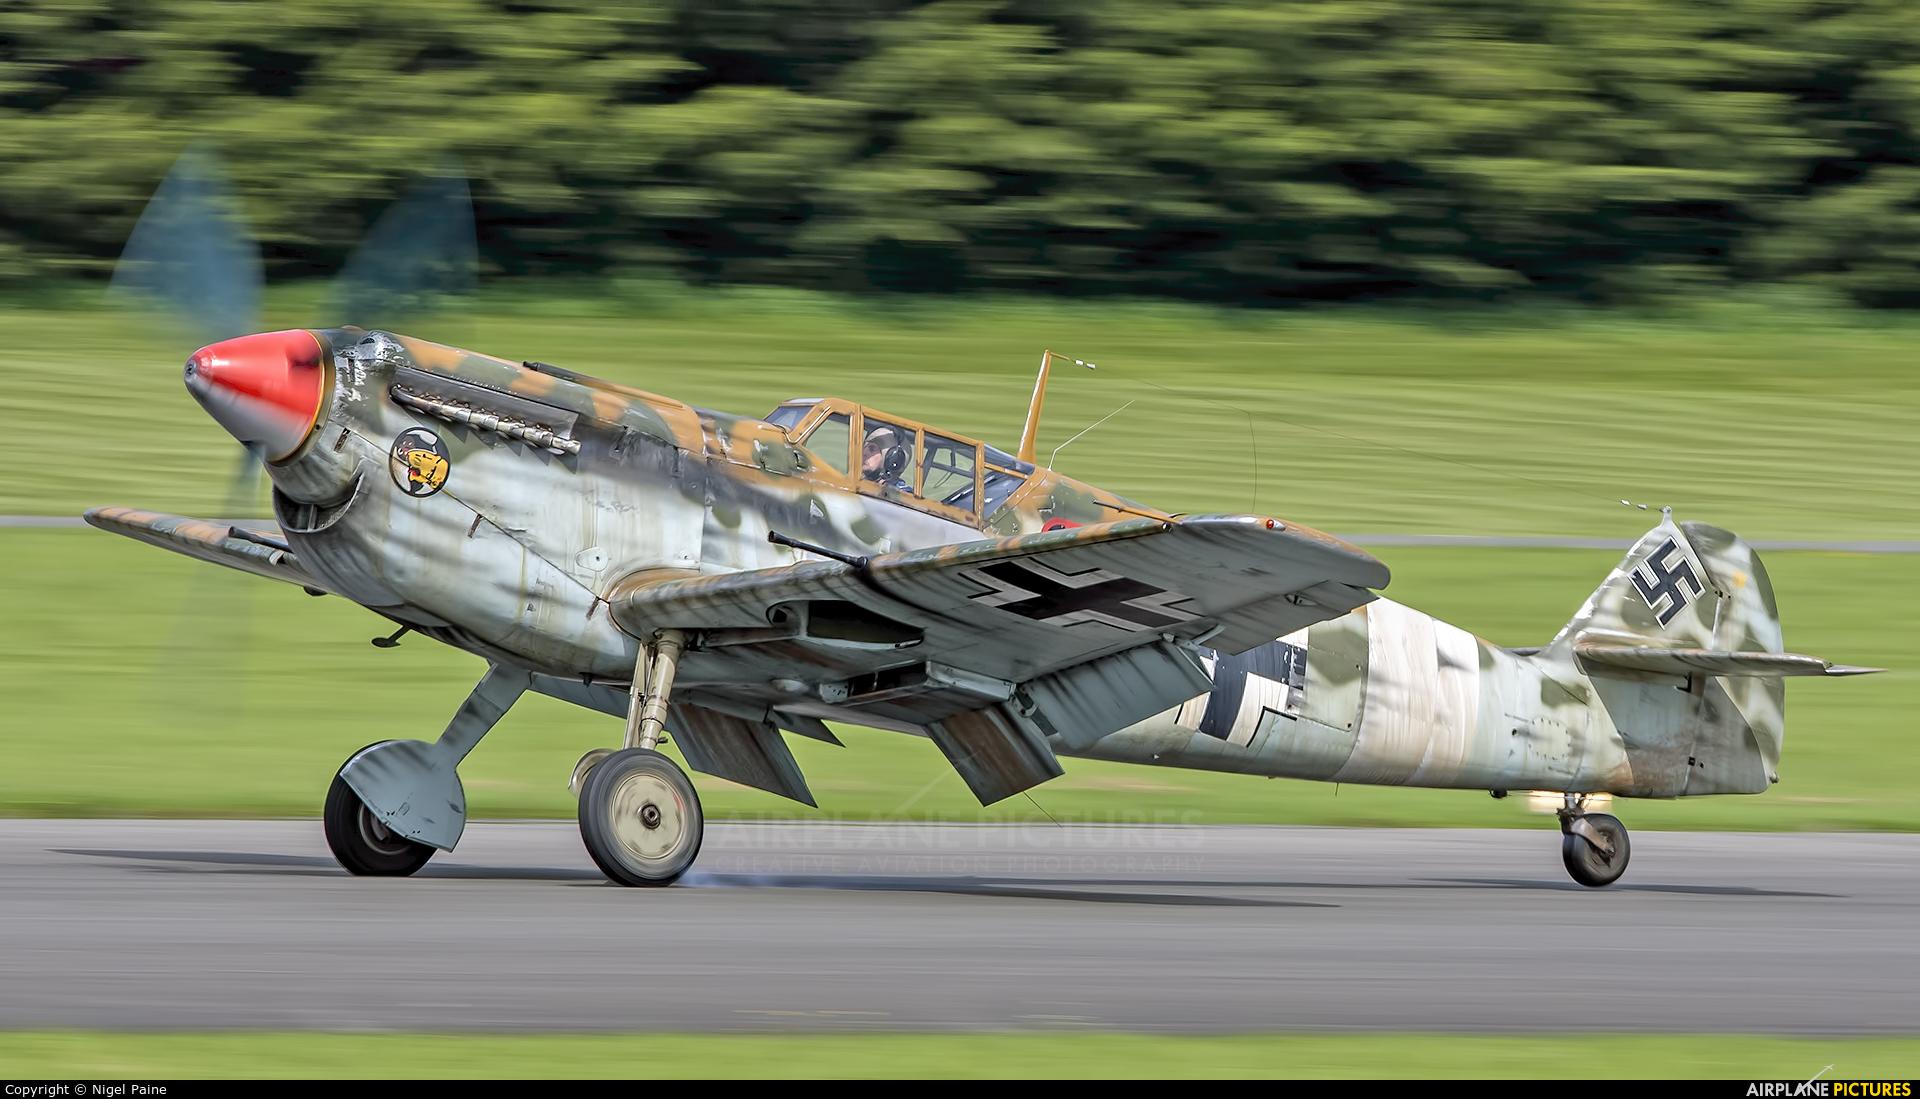 Private G-AWHK aircraft at Dunsfold